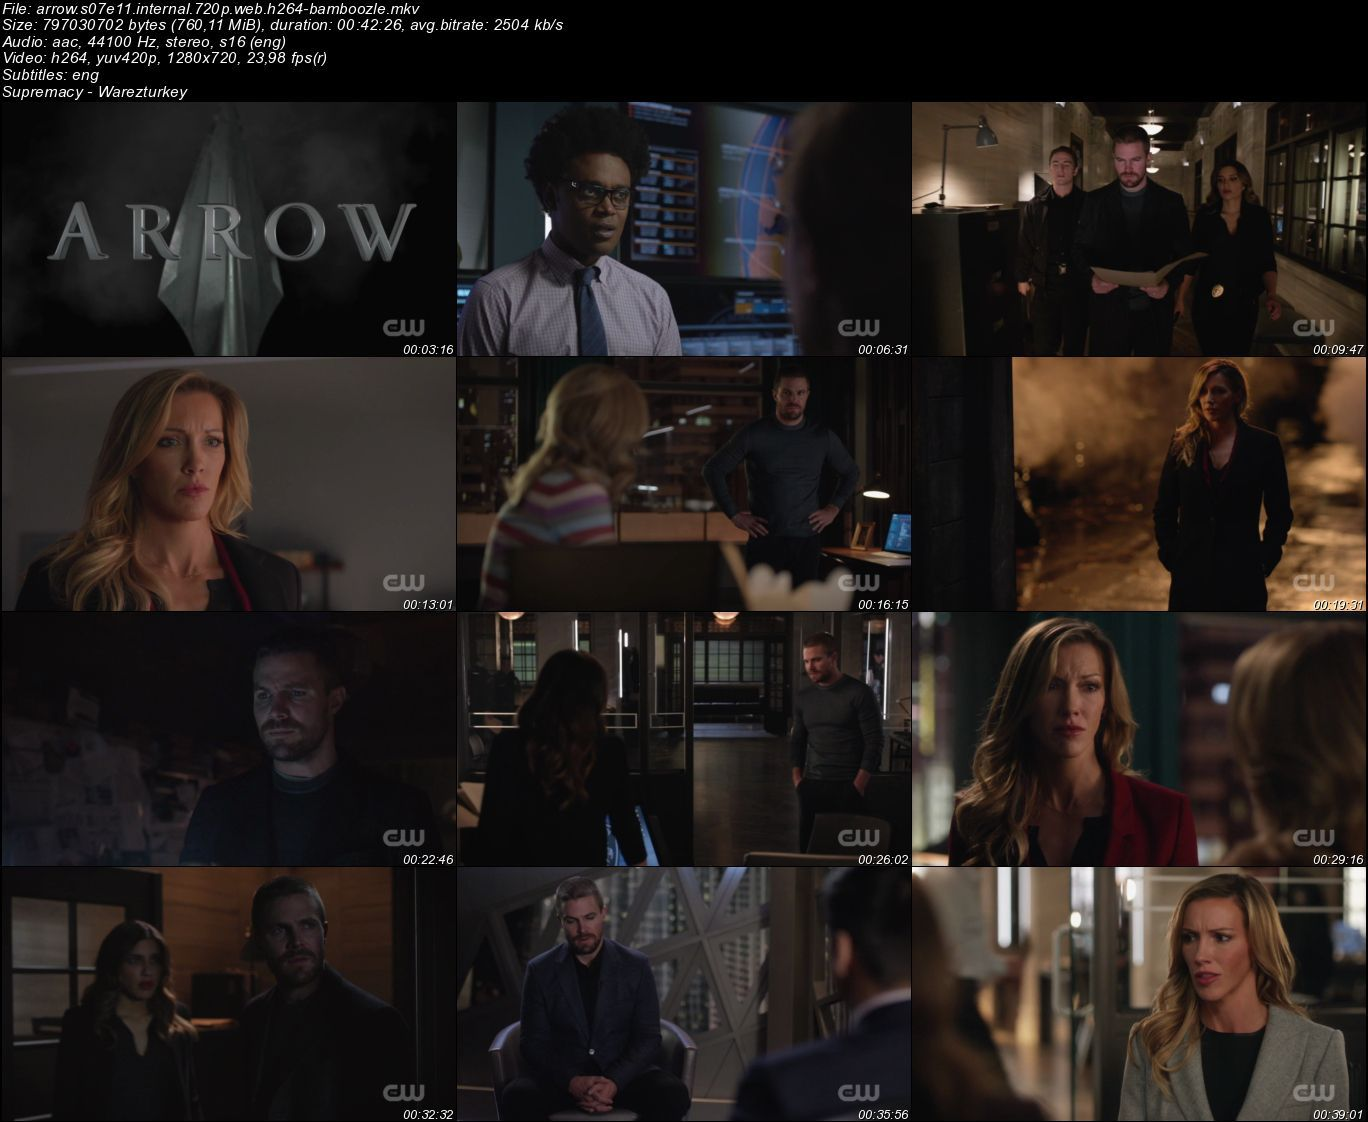 Arrow - Sezon 7 - 720p HDTV - Türkçe Altyazılı